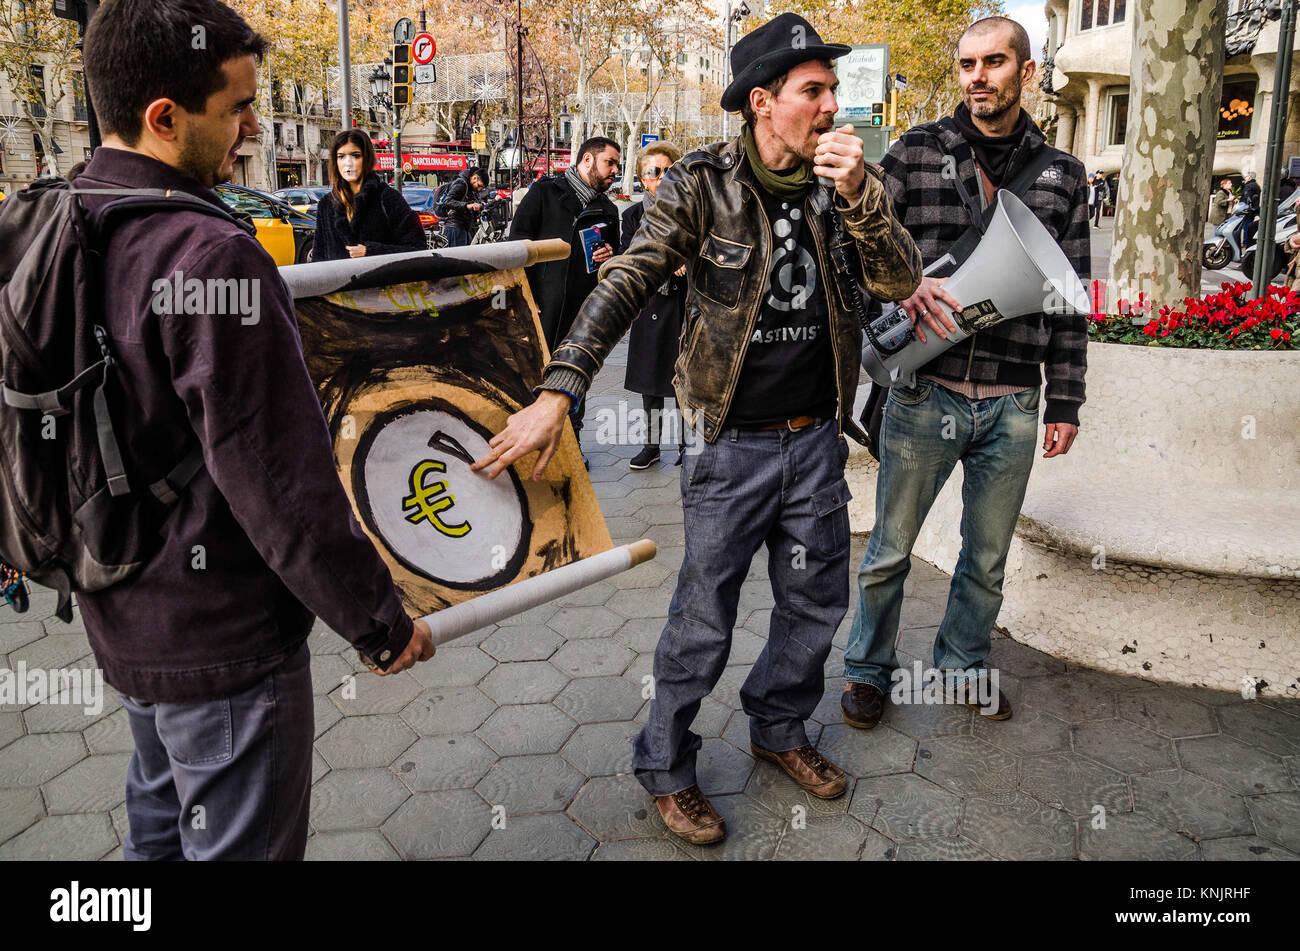 Barcelona, Katalonien, Spanien. 12 Dez, 2017. Eine Demonstrantin weist darauf hin ein Zeichen mit dem Euro Symbol Stockbild